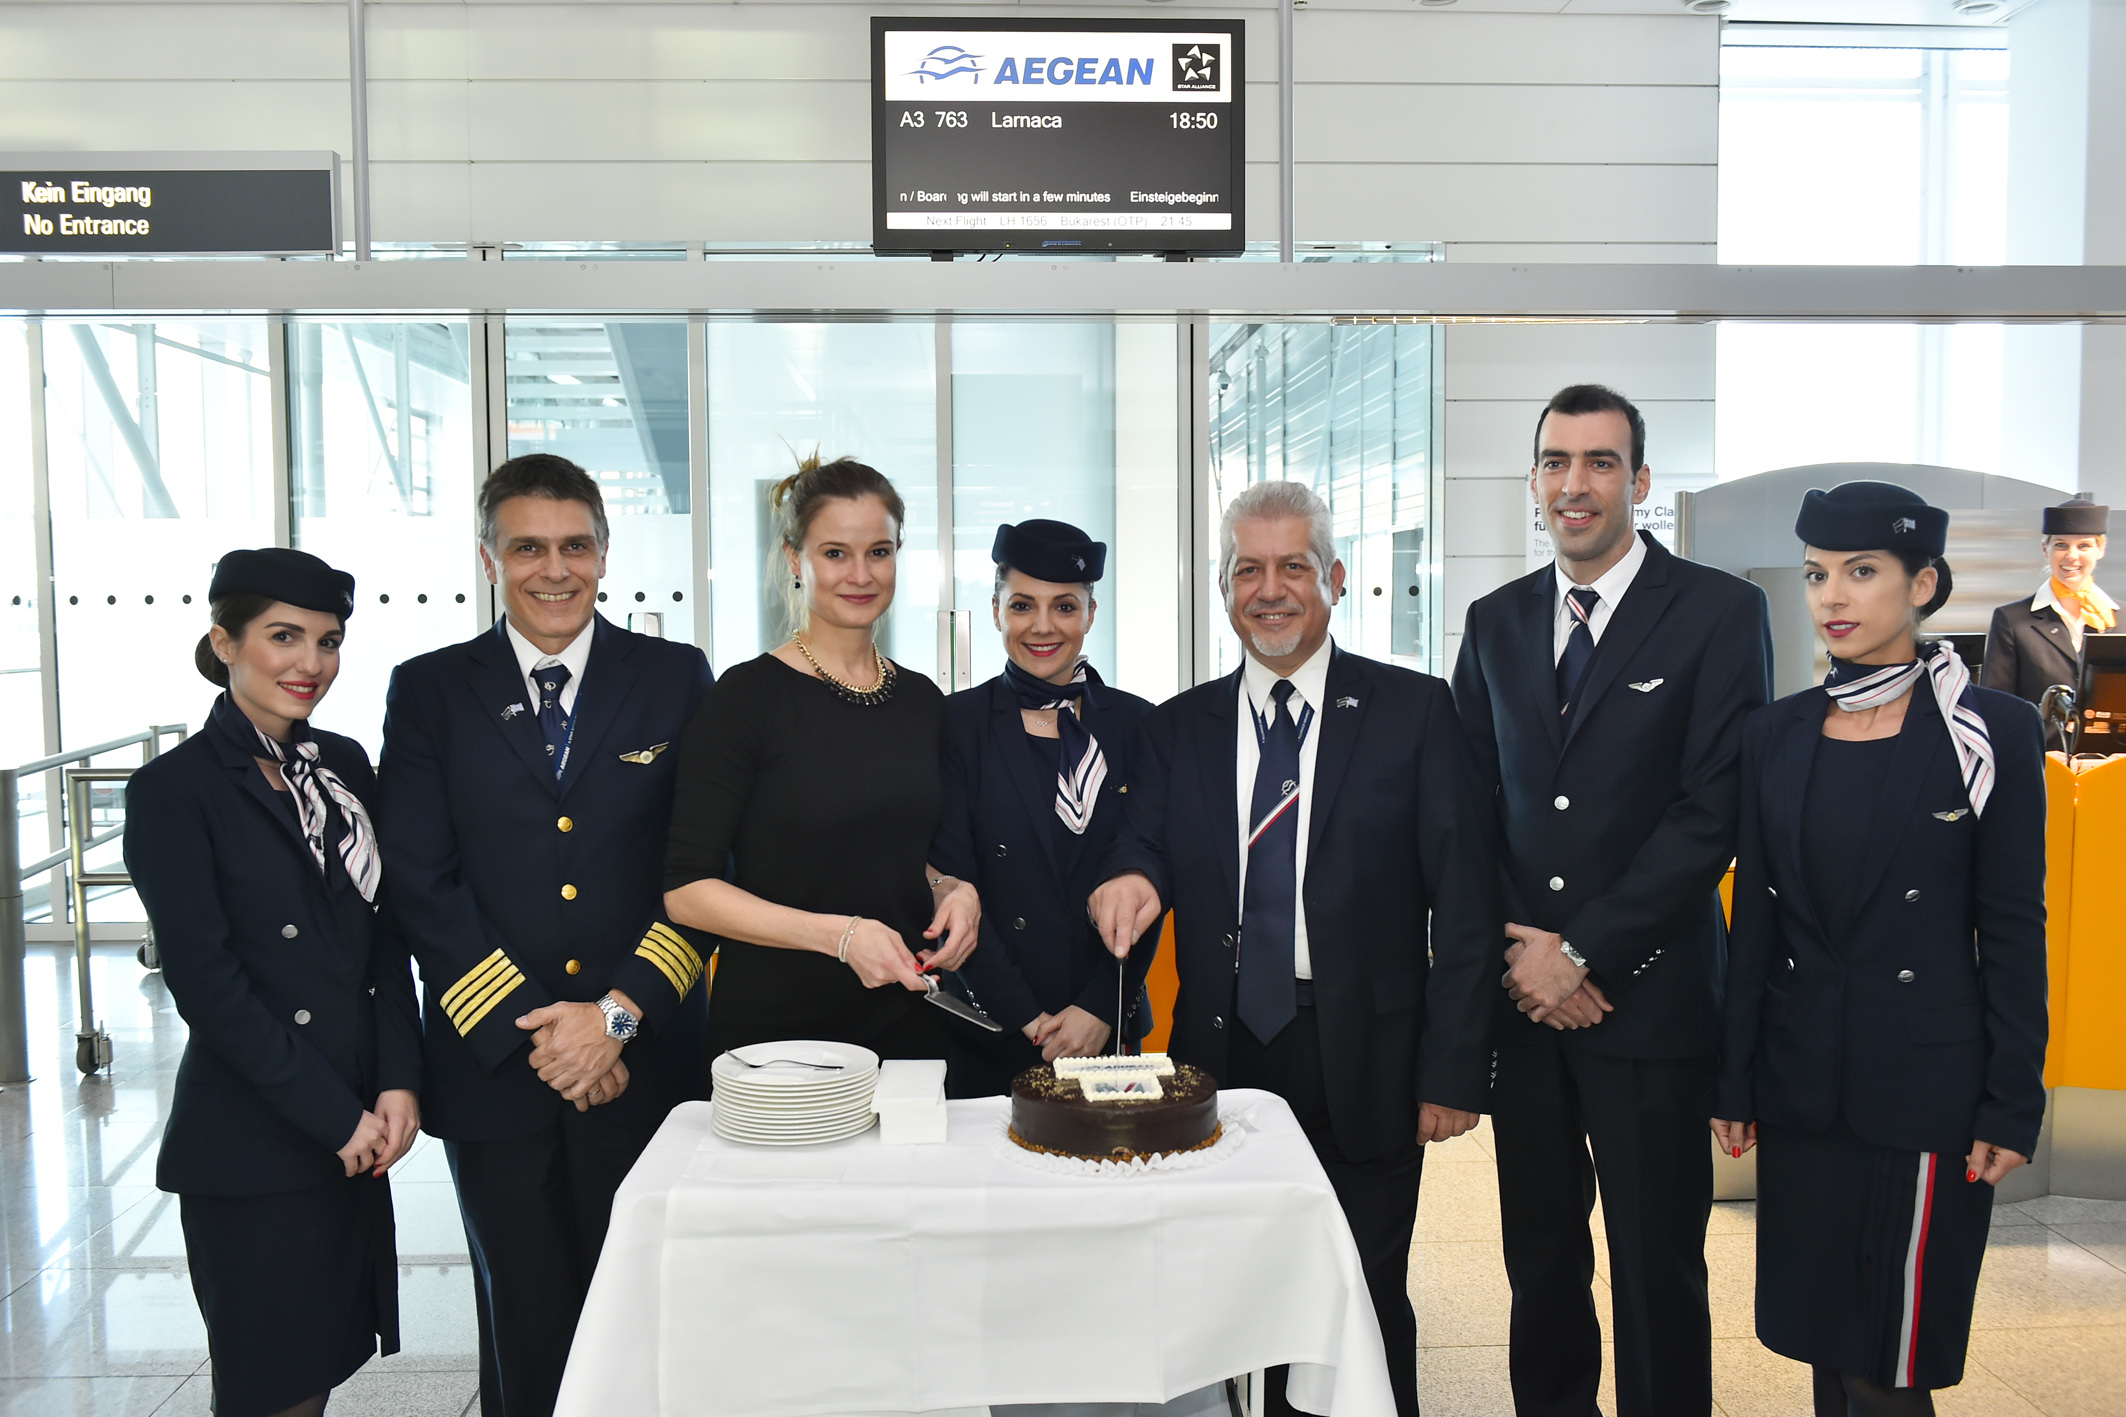 Erstflug Aegean Airlines nach Larnaca